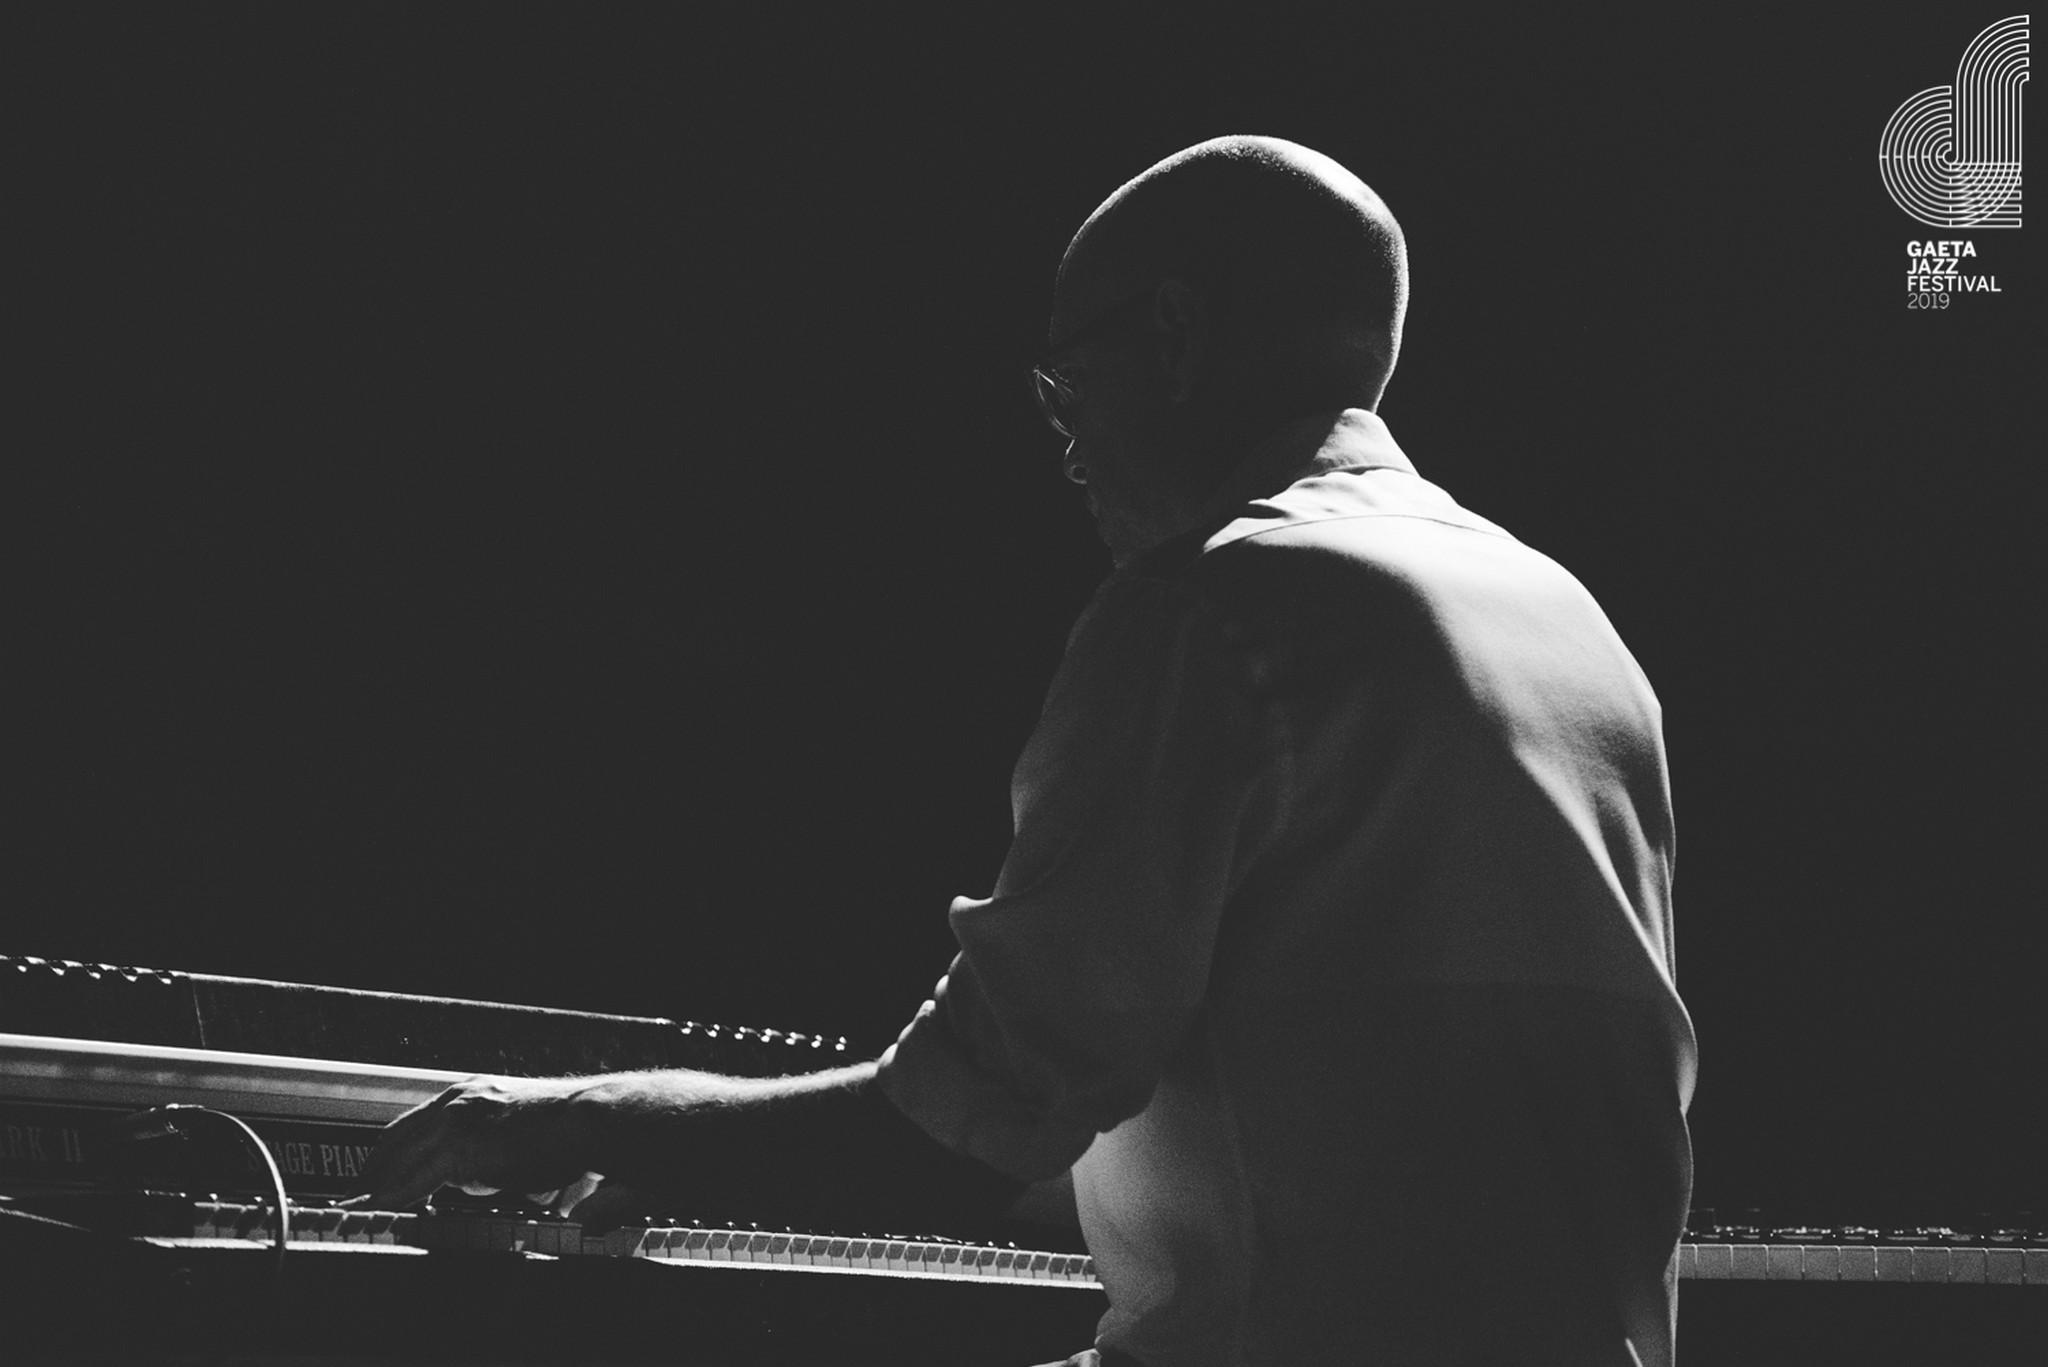 Flavia_Fiengo_Gaeta_Jazz_Festival_live_2019__00067